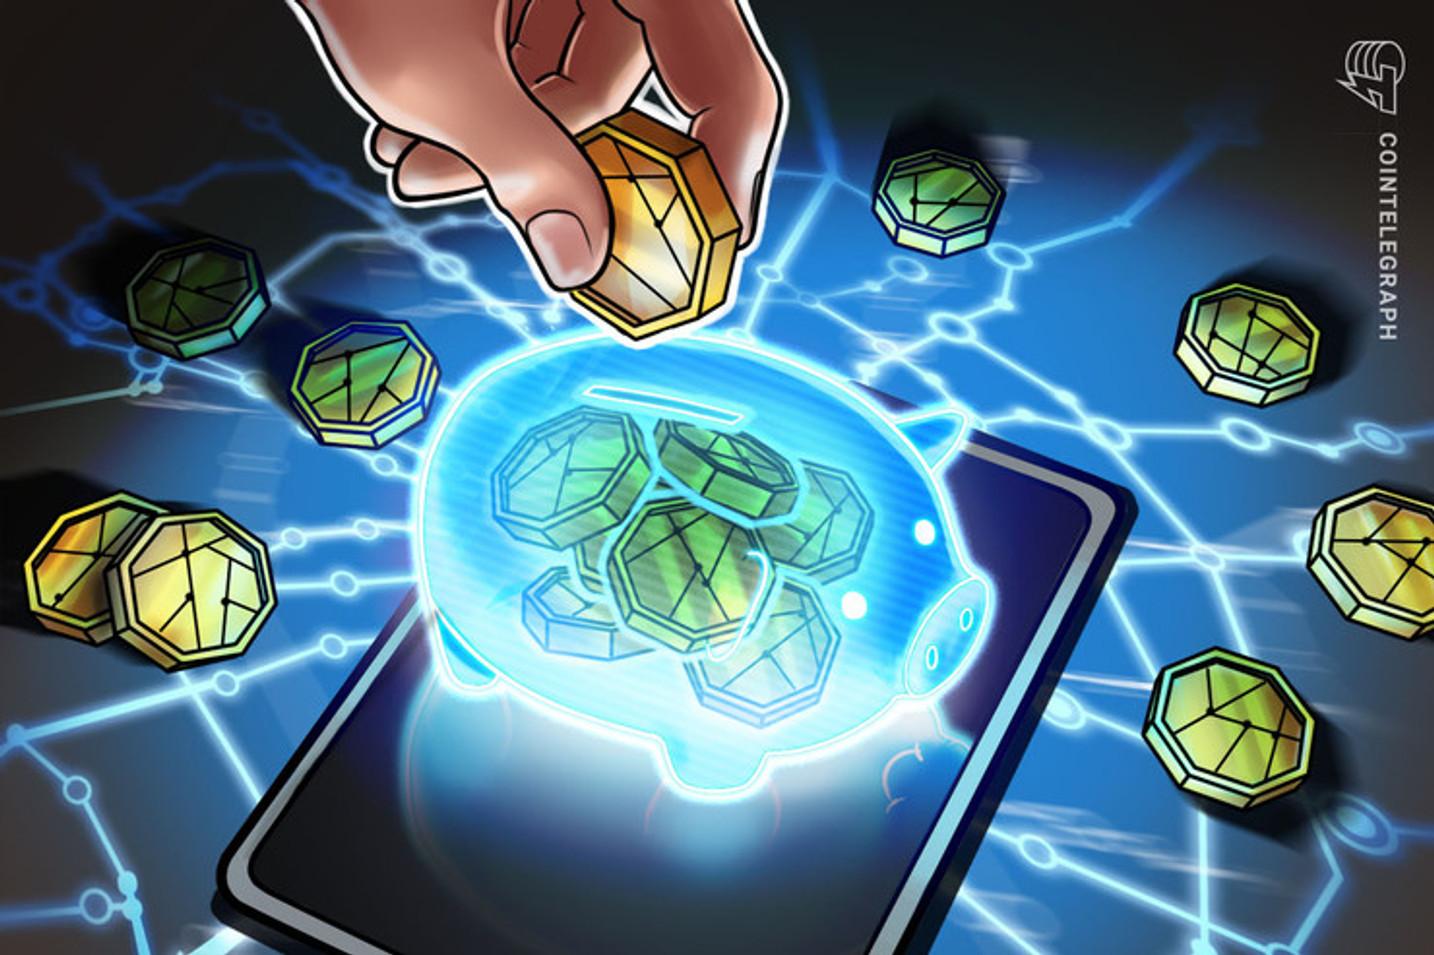 Plataforma de ahorro y crédito en Bitcoin y criptomonedas obtiene 30 millones de dólares en inversión serie A